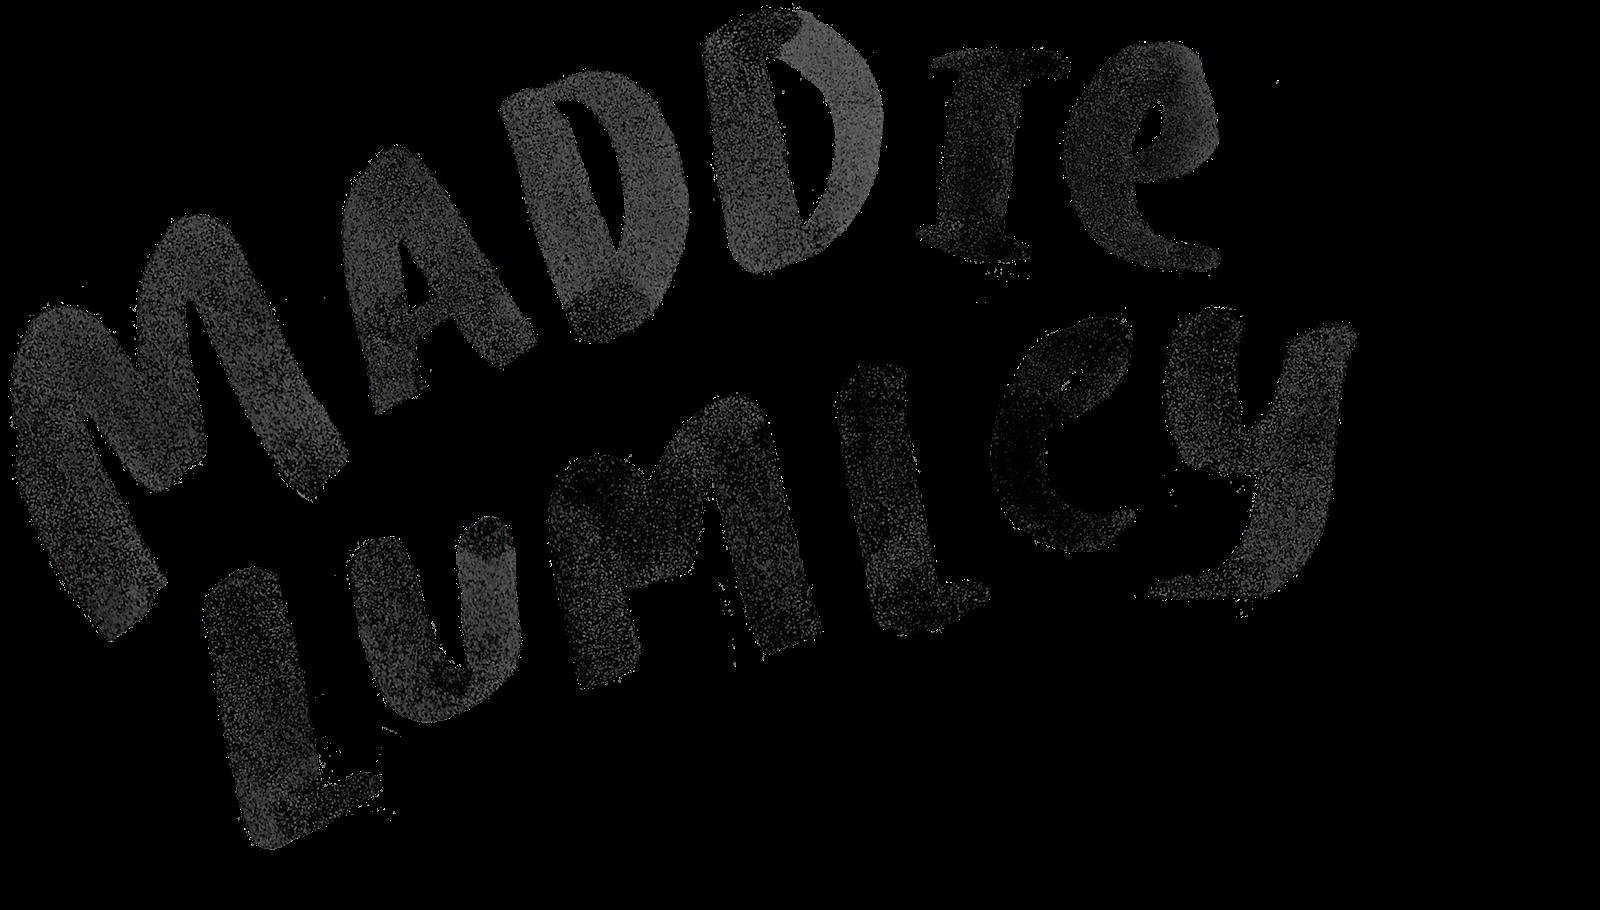 madeleine lumley